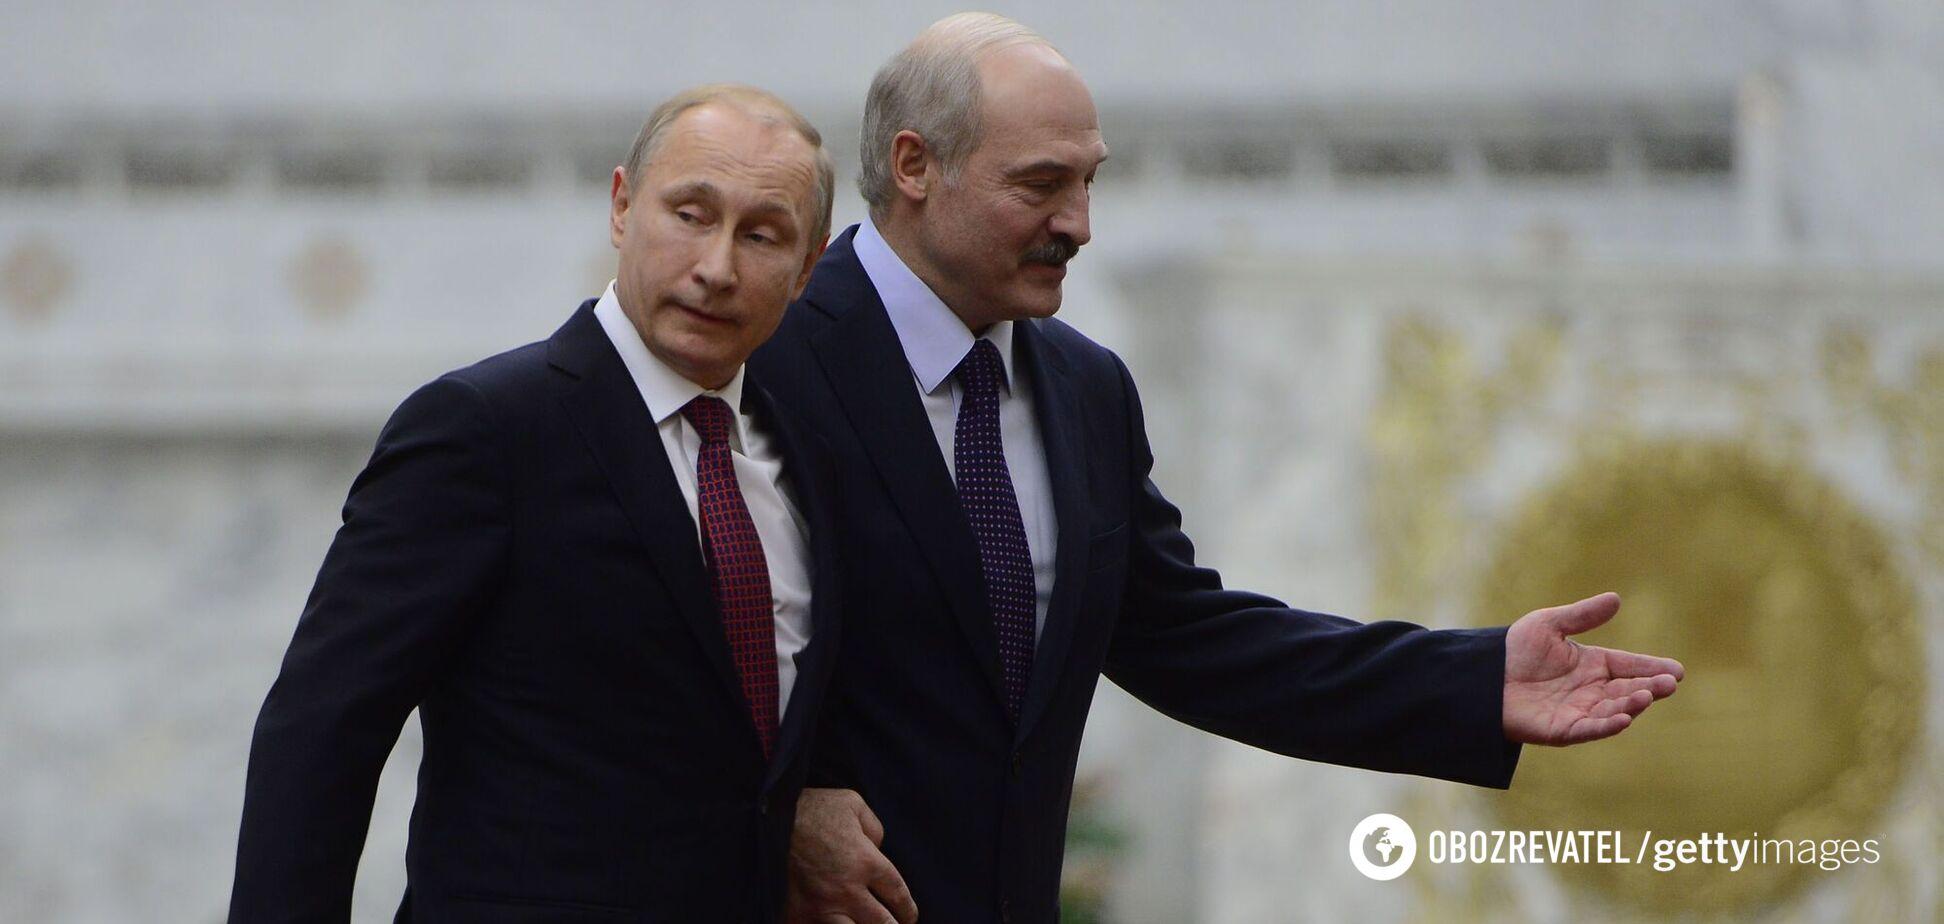 Путин помогает Лукашенко, и это хорошо, – Мартынова